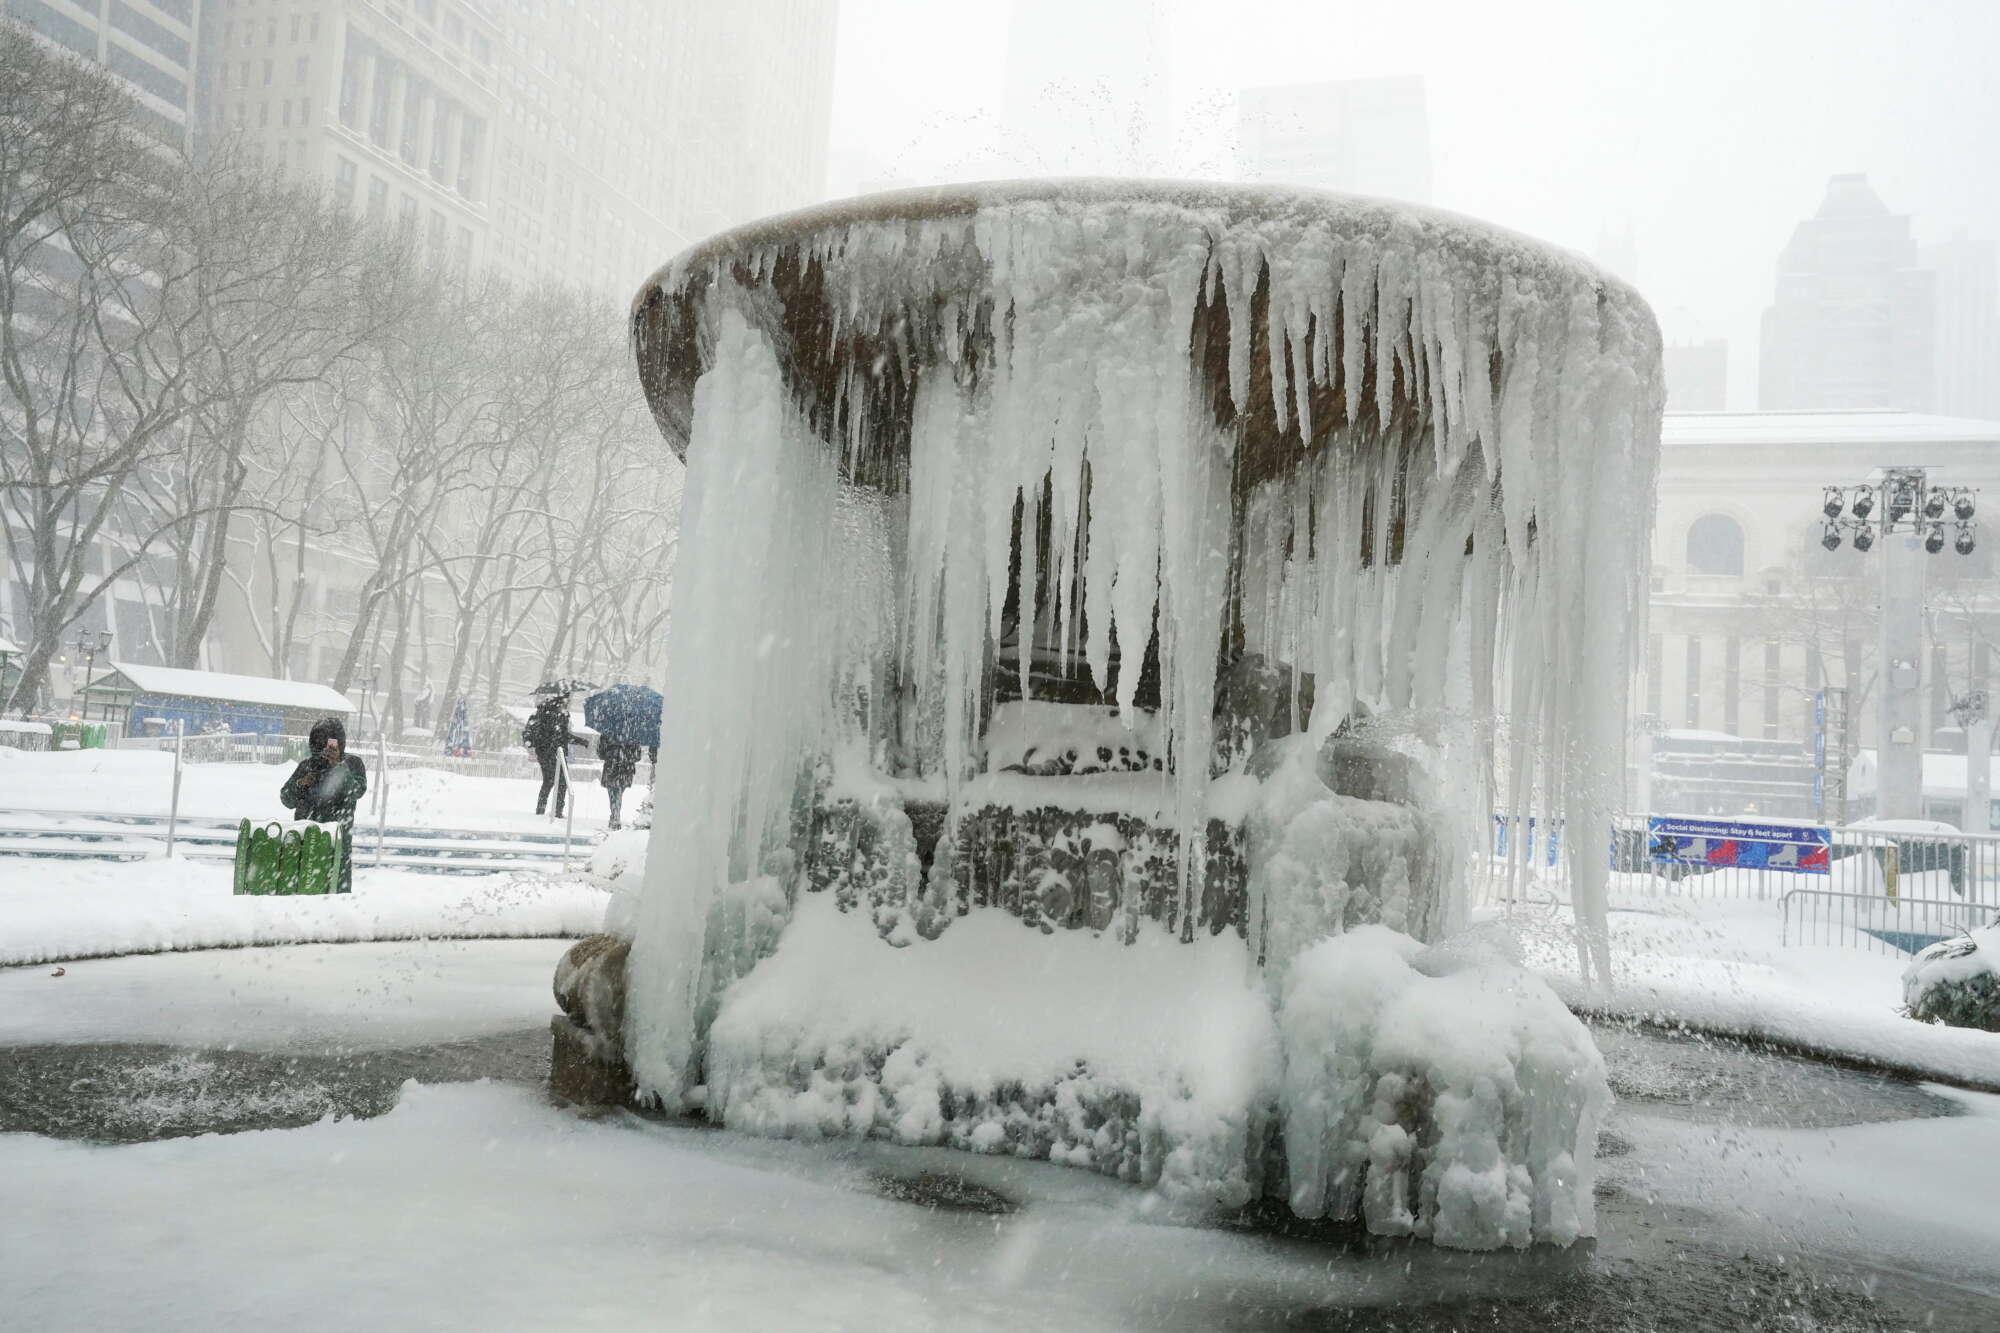 Το σιντριβάνι έγινε... γλυπτό. Ο στρατηγός χειμώνας έχει και καλλιτεχνική φύση